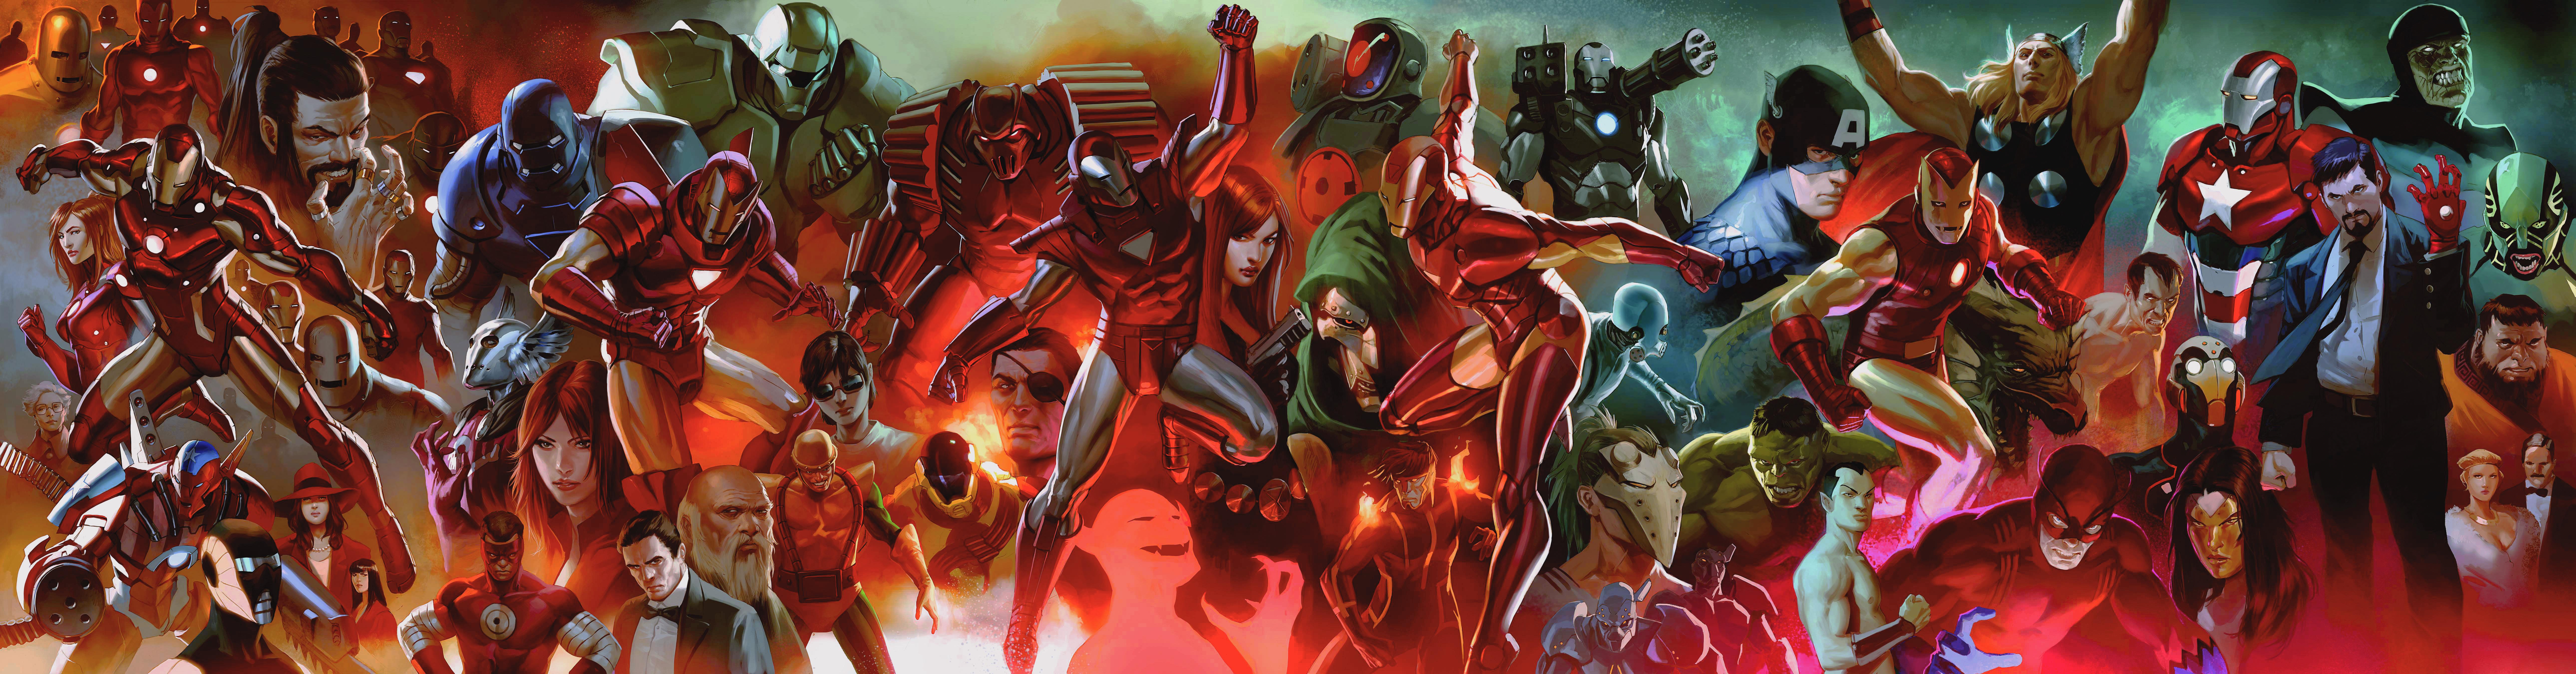 Iron man anthony tony stark marvel comics database